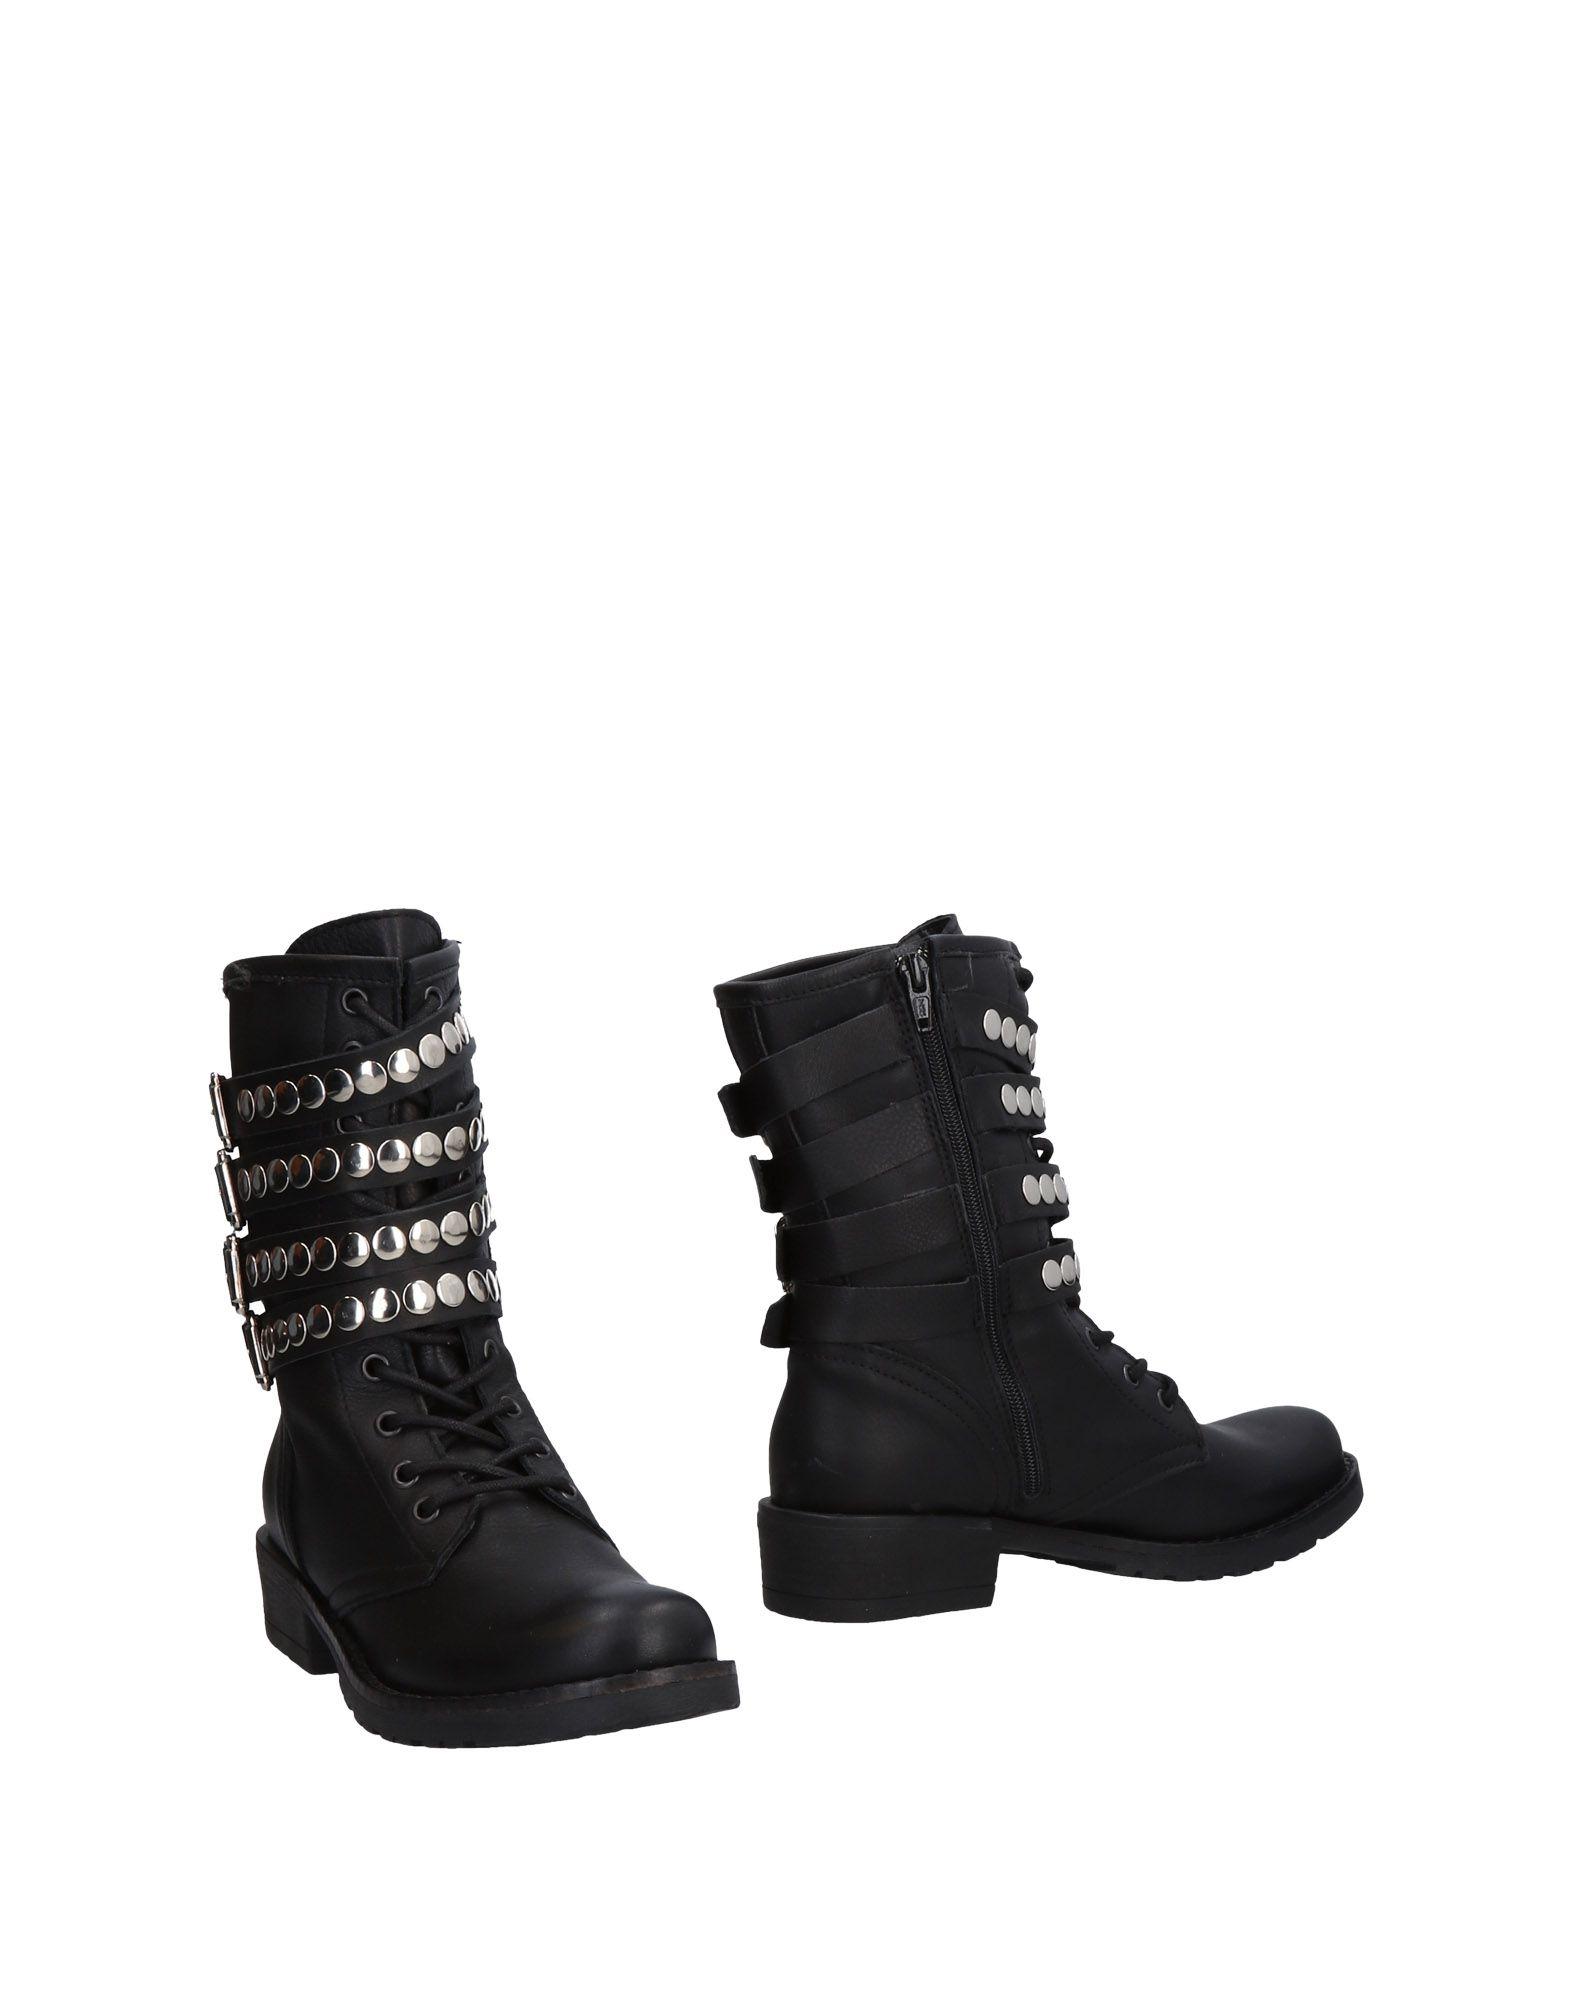 Geneve Stiefelette Damen  11470298DM Gute Qualität beliebte Schuhe